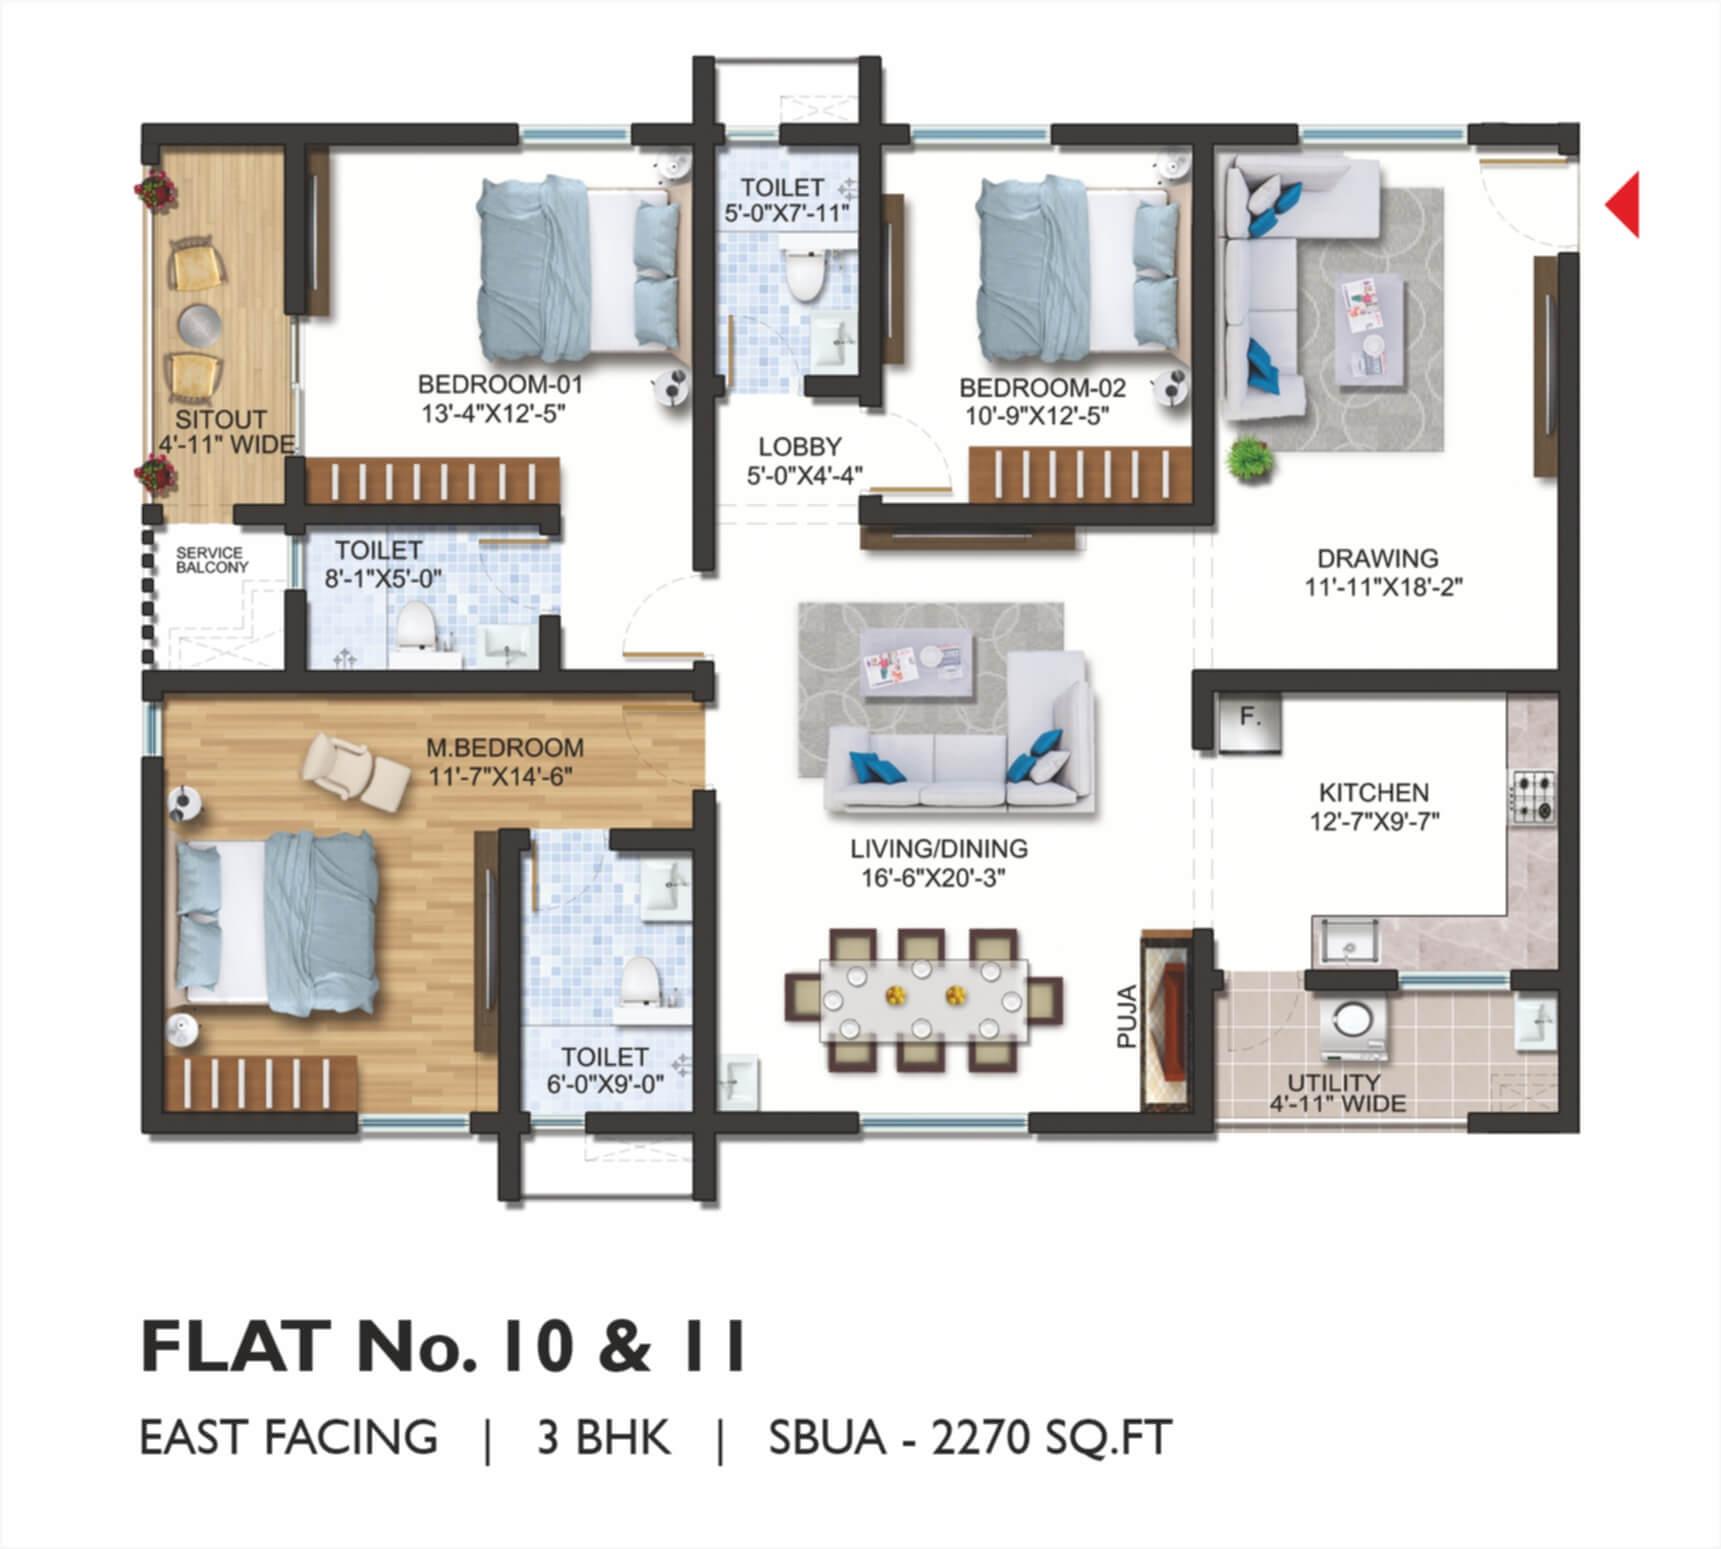 FLAT No. 10 _ 11